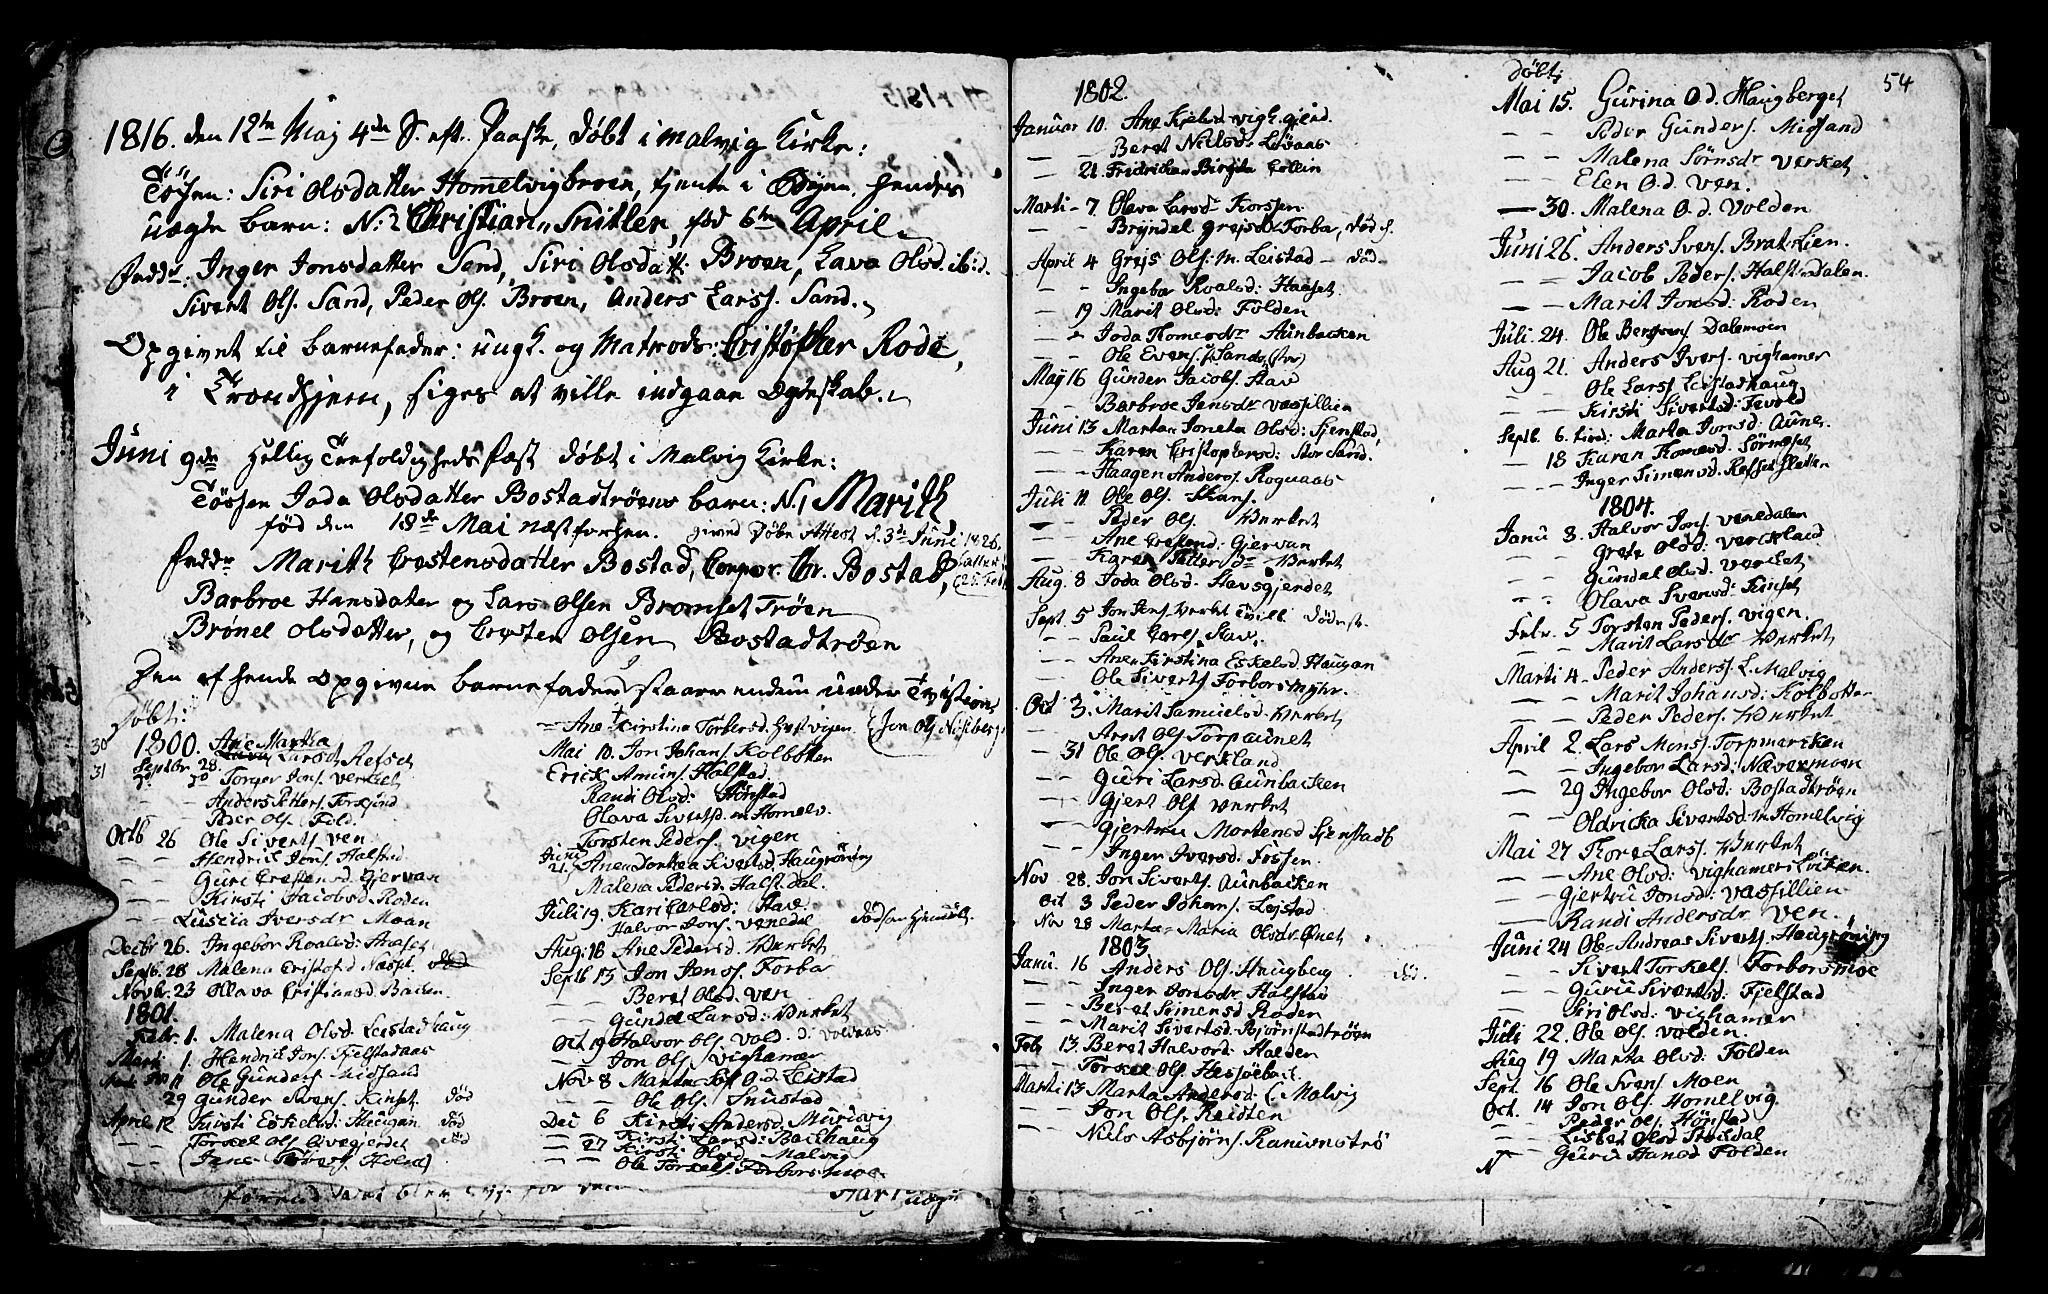 SAT, Ministerialprotokoller, klokkerbøker og fødselsregistre - Sør-Trøndelag, 616/L0419: Klokkerbok nr. 616C02, 1797-1816, s. 54